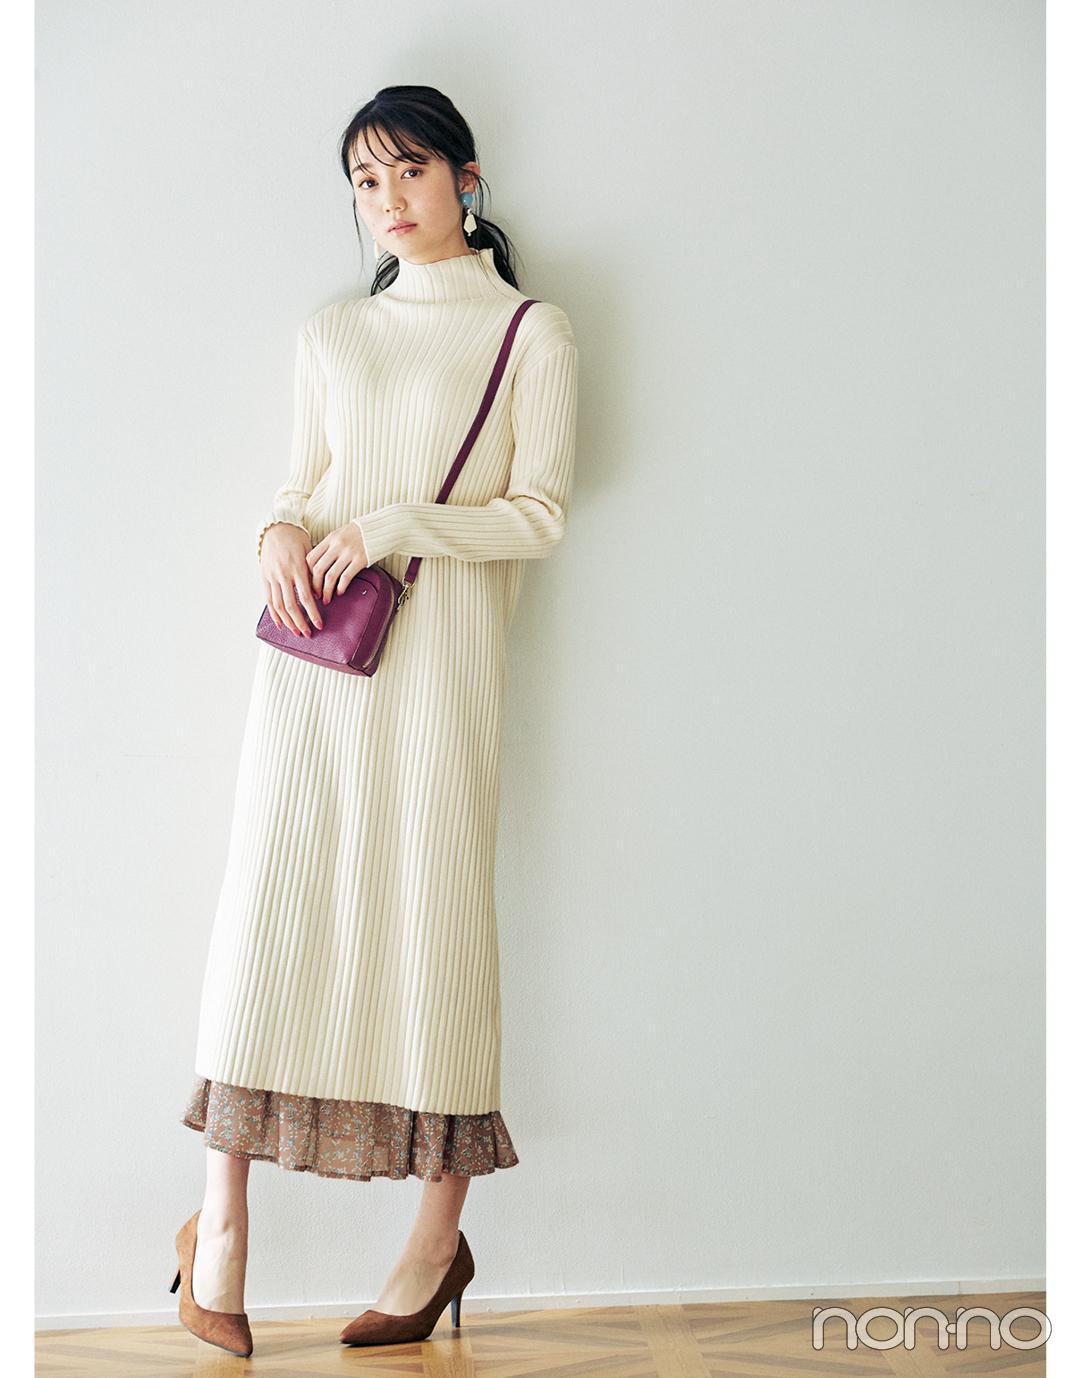 2月~3月の体感寒い日&暖かい日、小花柄スカートはこんなに使える!_1_7